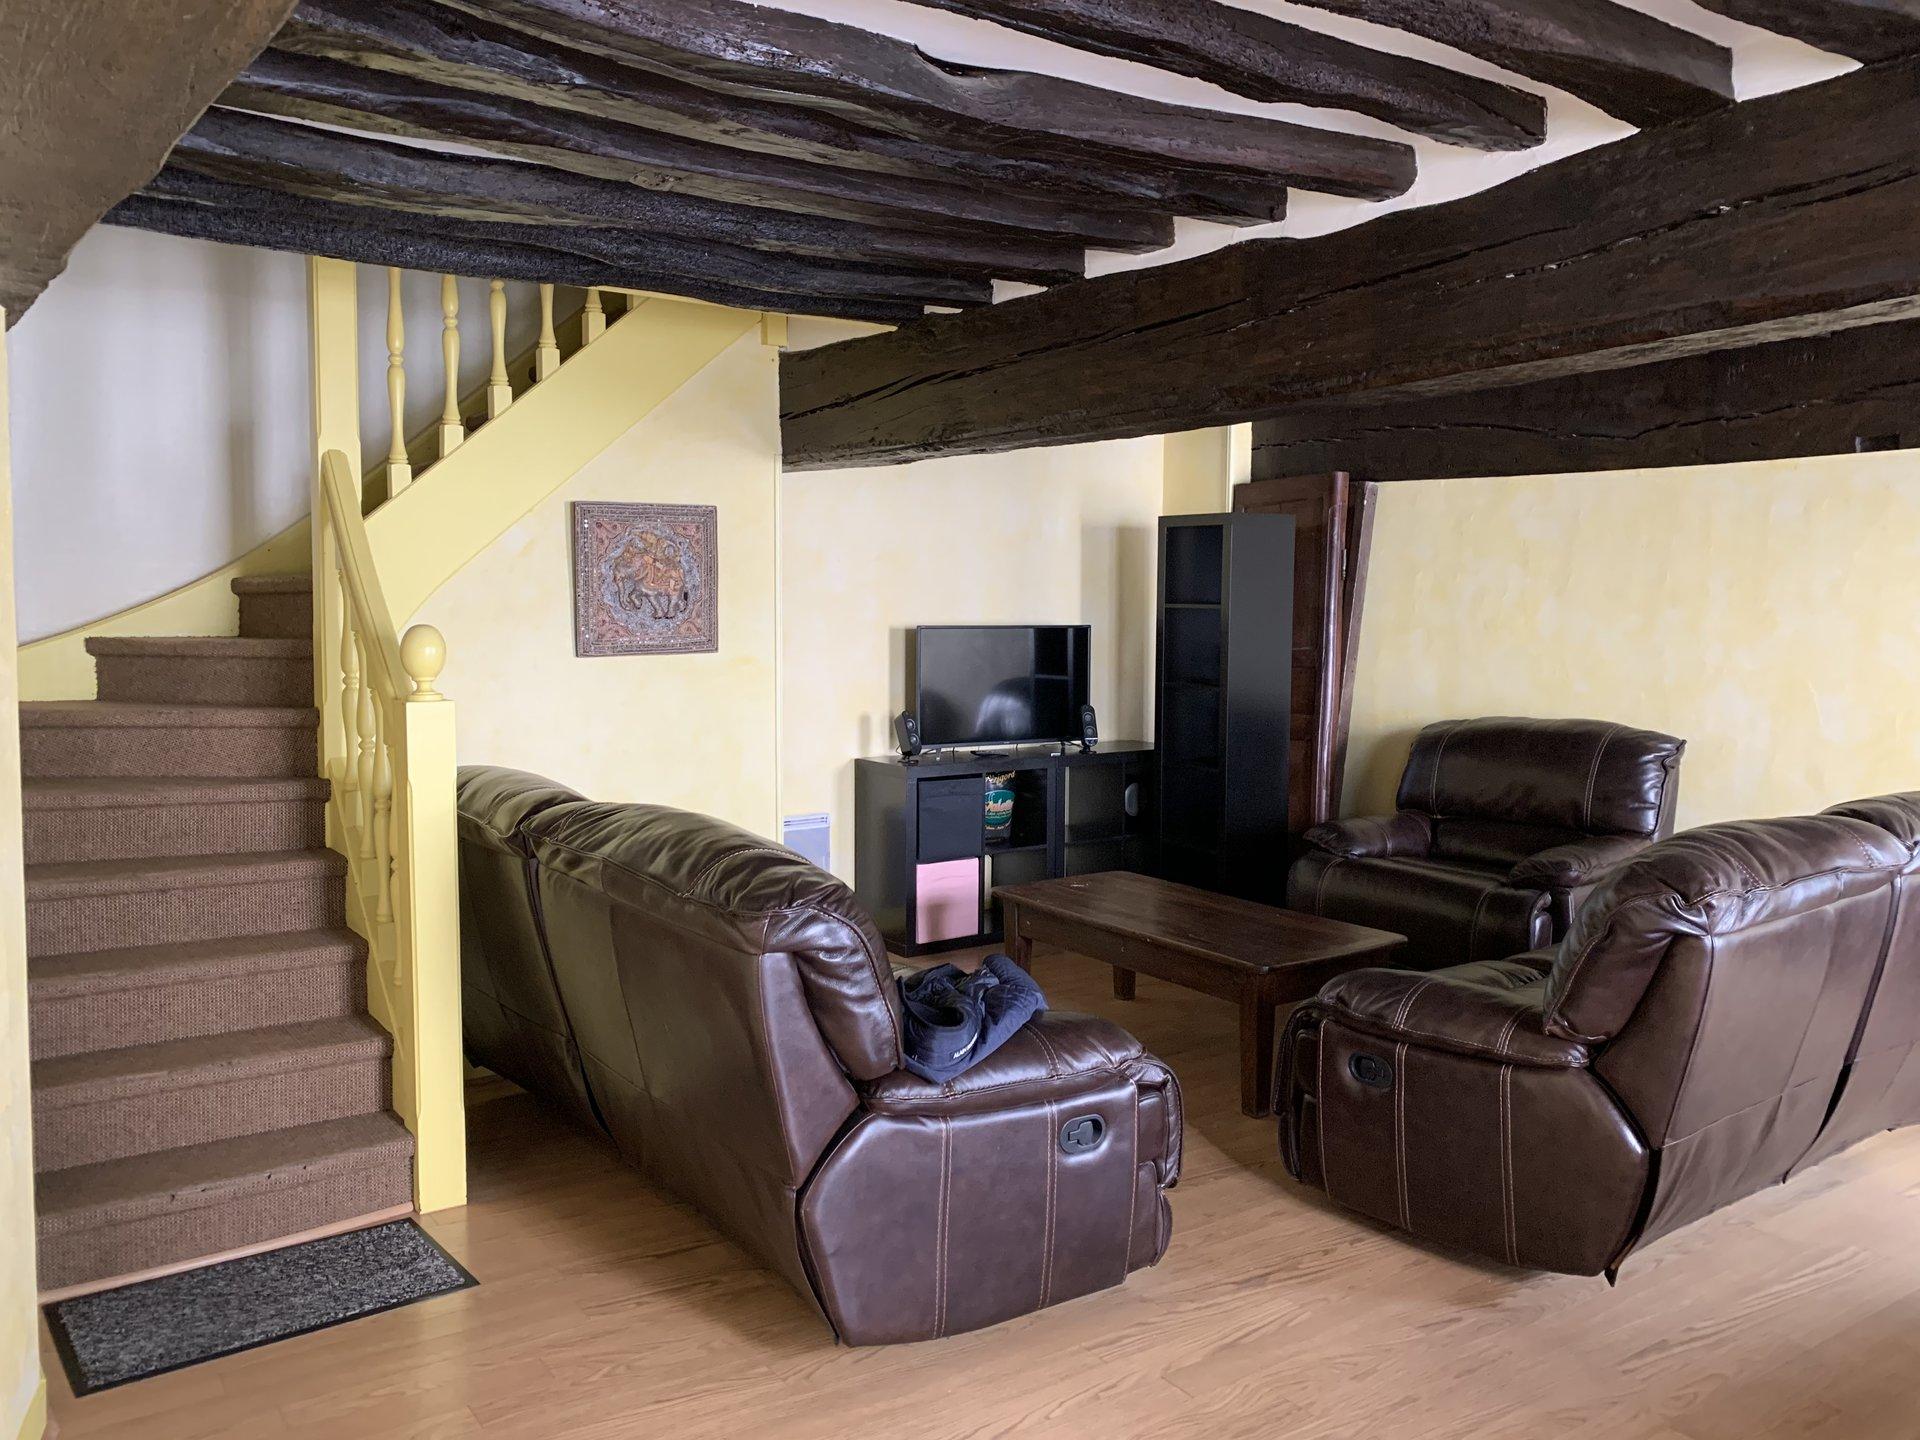 Sale Apartment - Rouen Saint-Hilaire